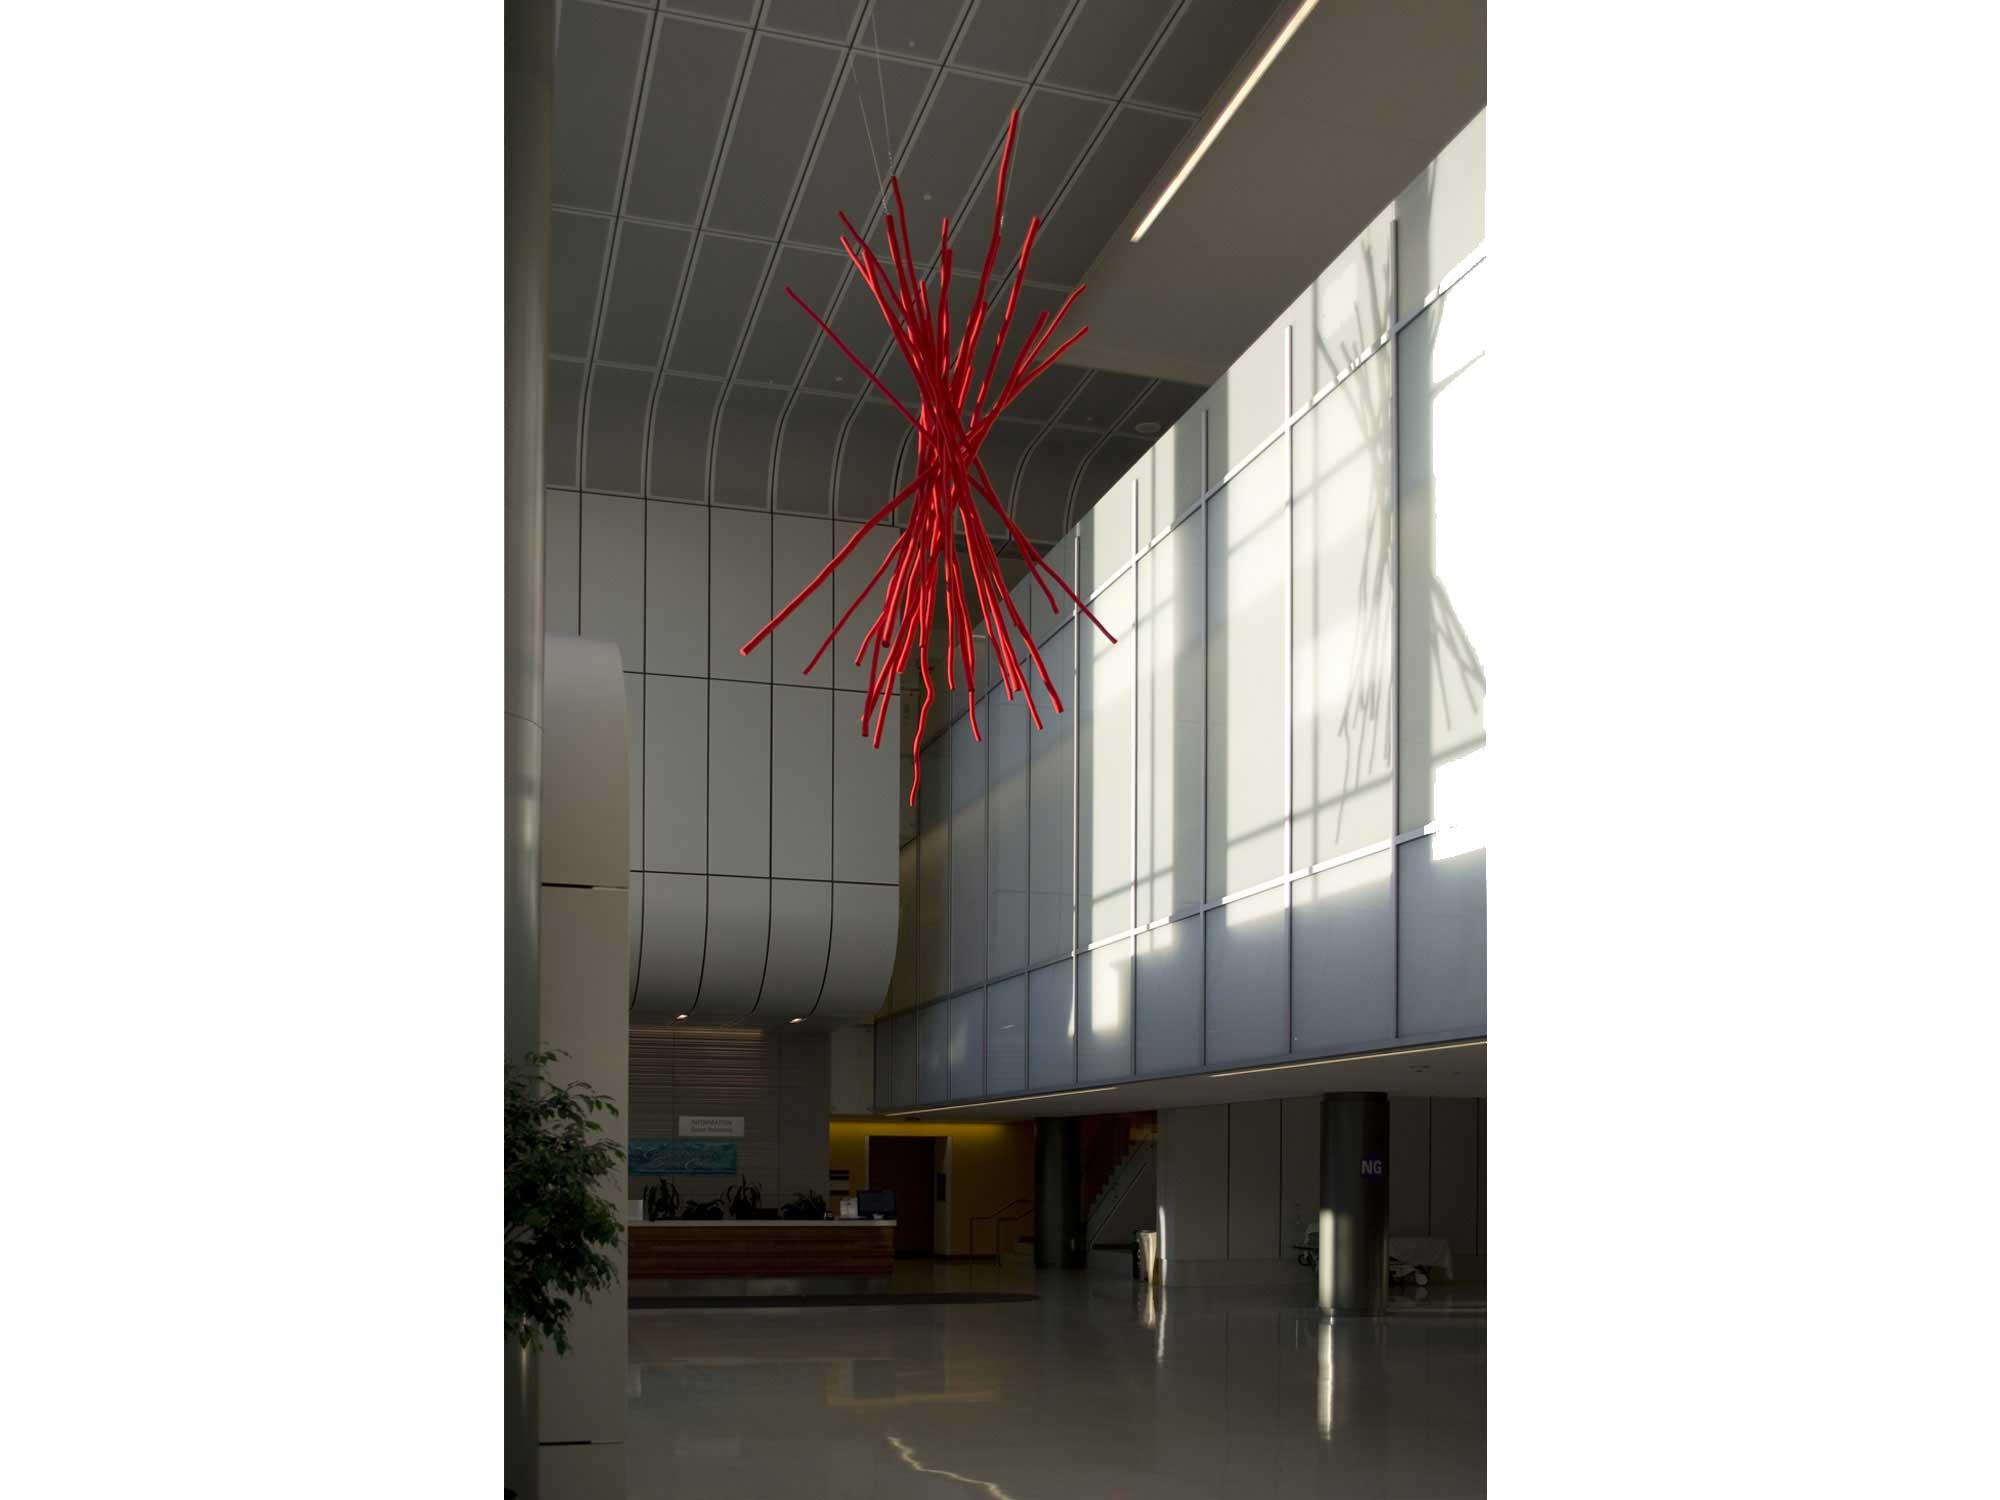 In Motion - John E. Friedlander Memorial | Buffalo, New York - Image: Joel Brenden